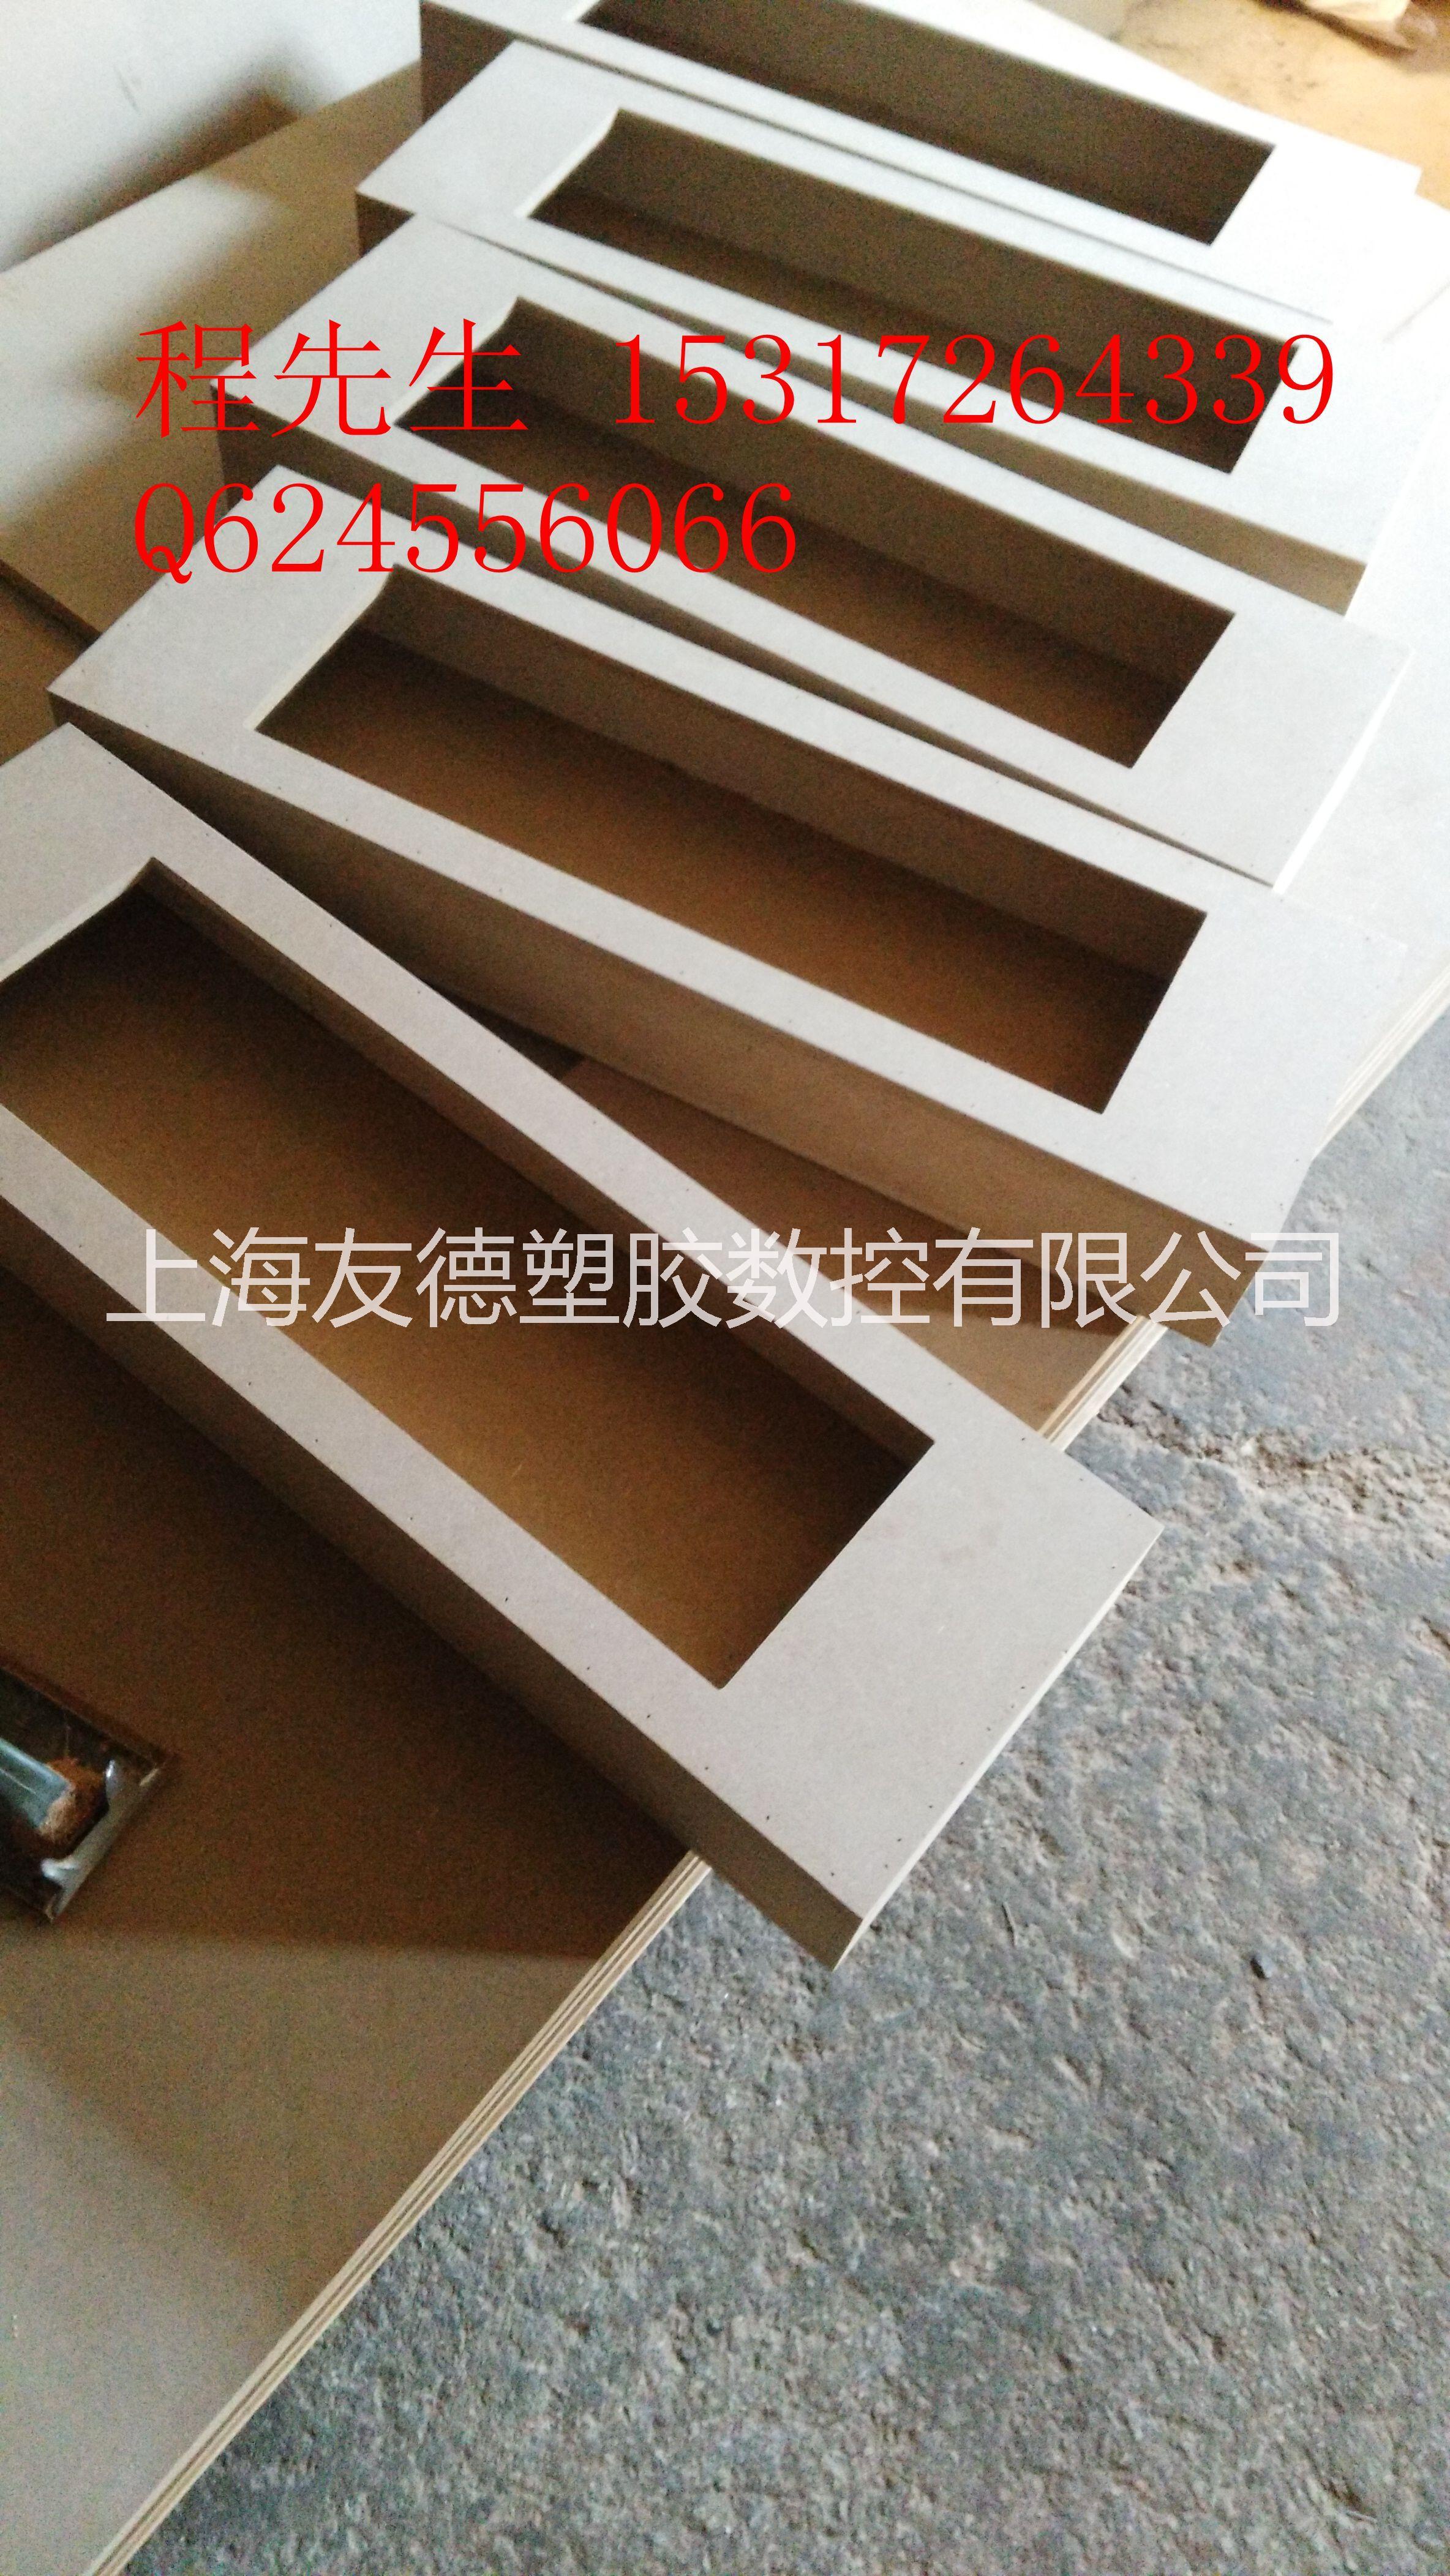 上海黄浦木板雕刻价格供应加工厂家定制